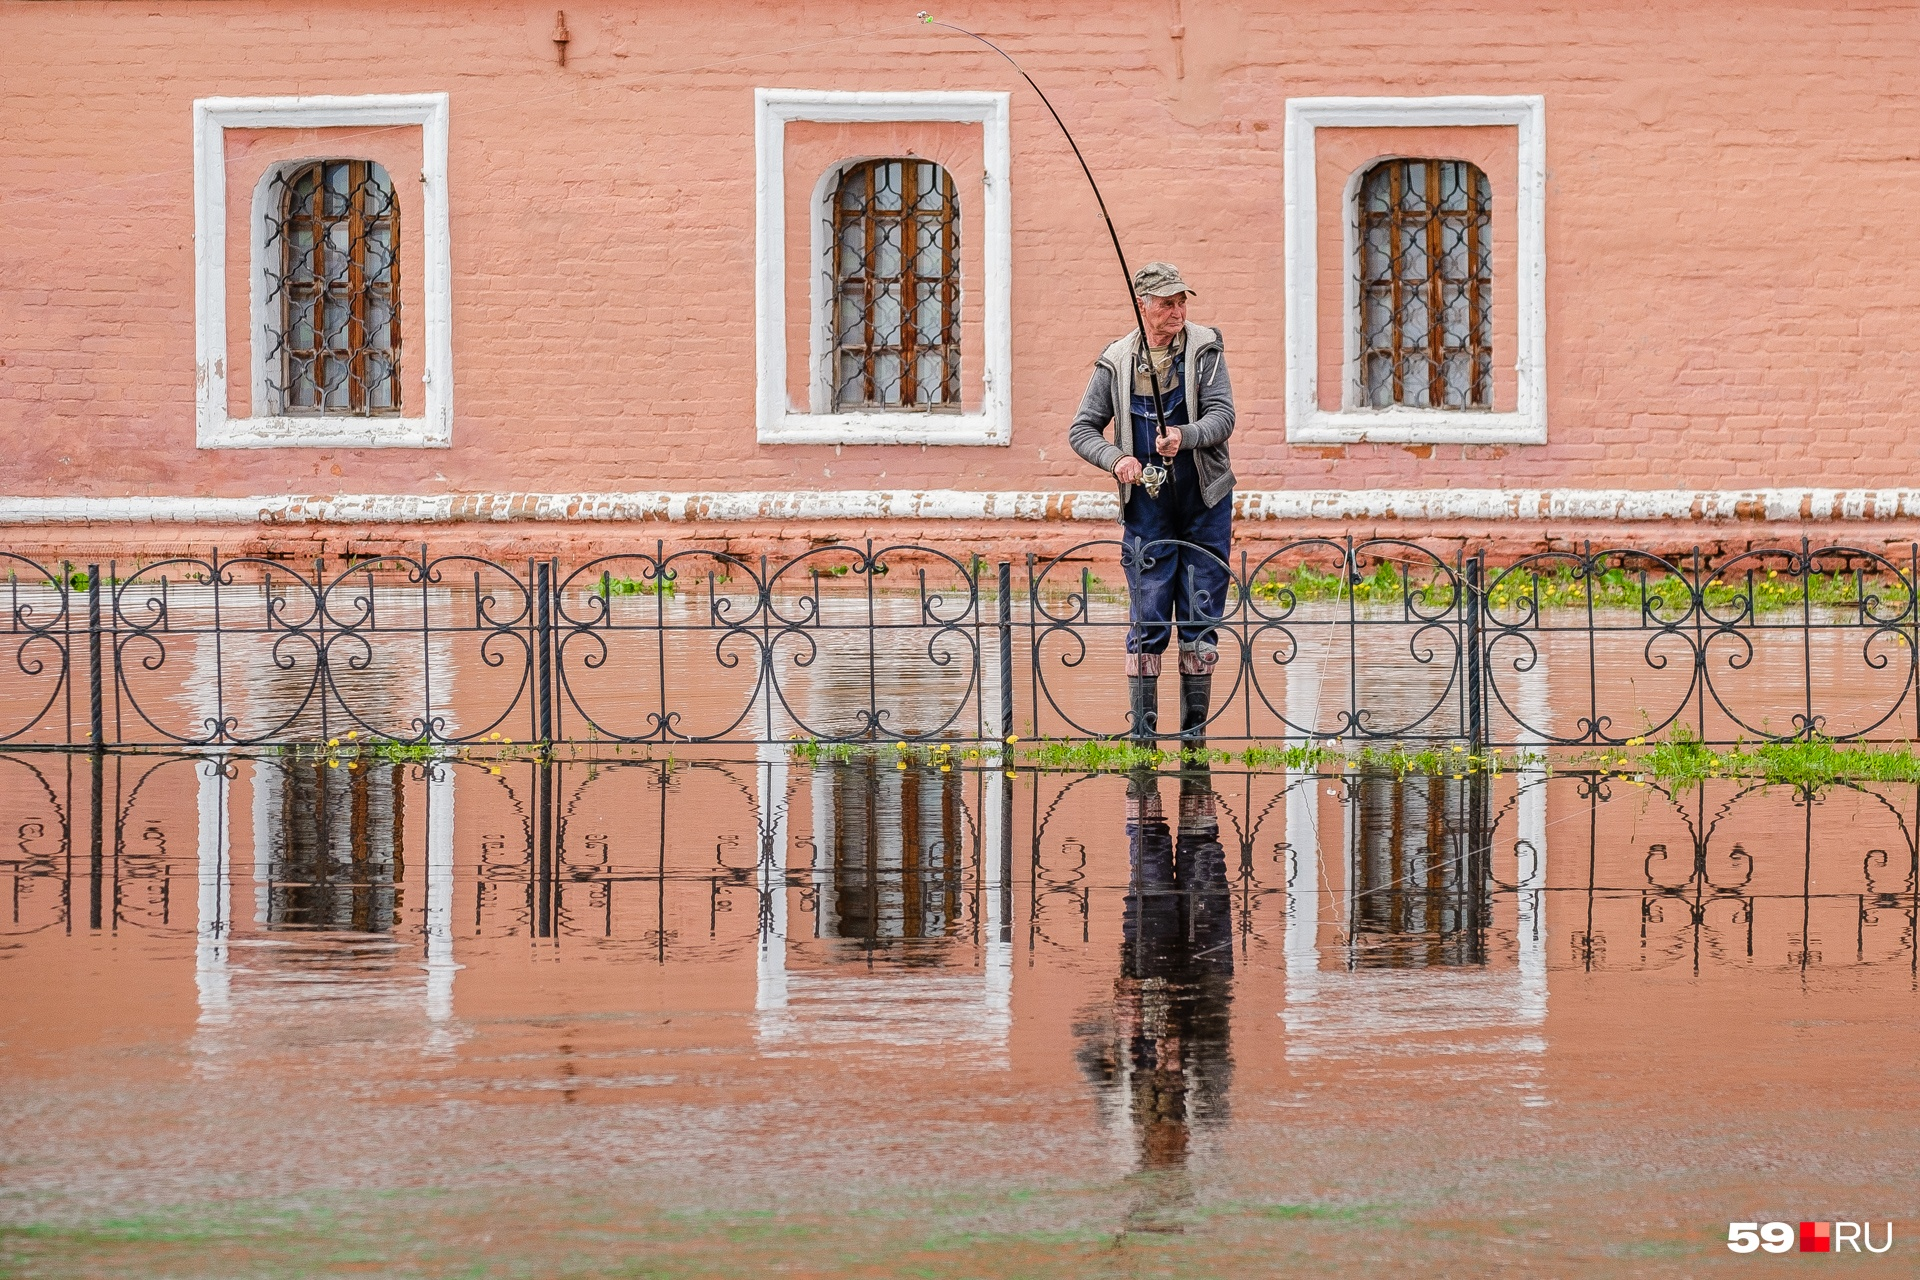 Мужики теперь рыбачат около музея «Строгановские палаты»